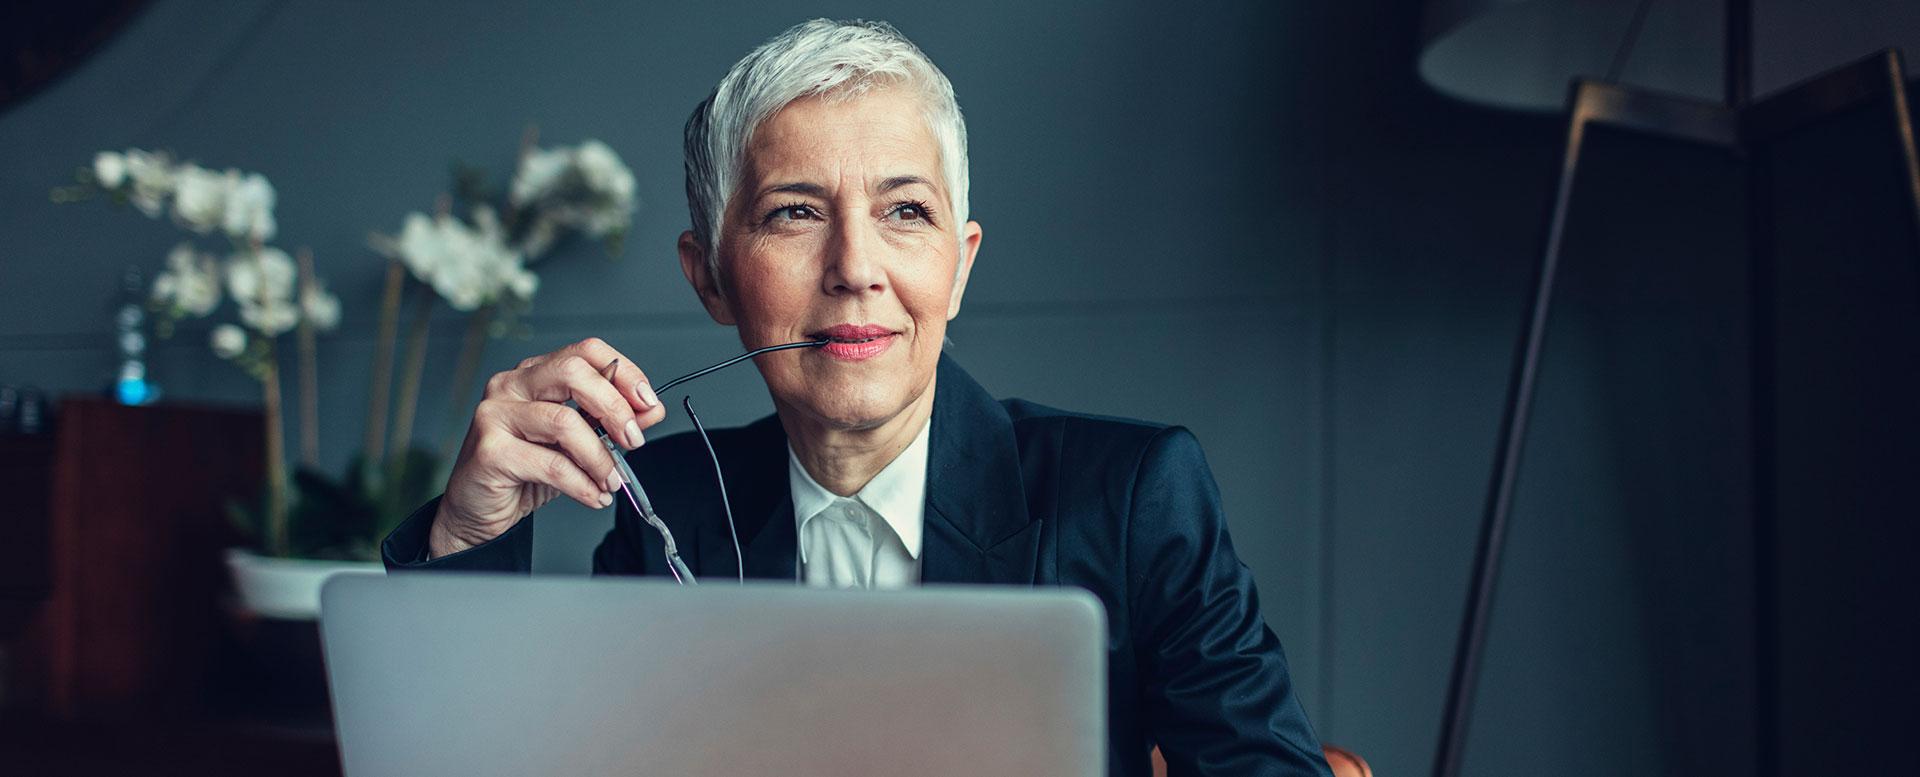 Viele Ältere wollen ihren Beruf weiterführen